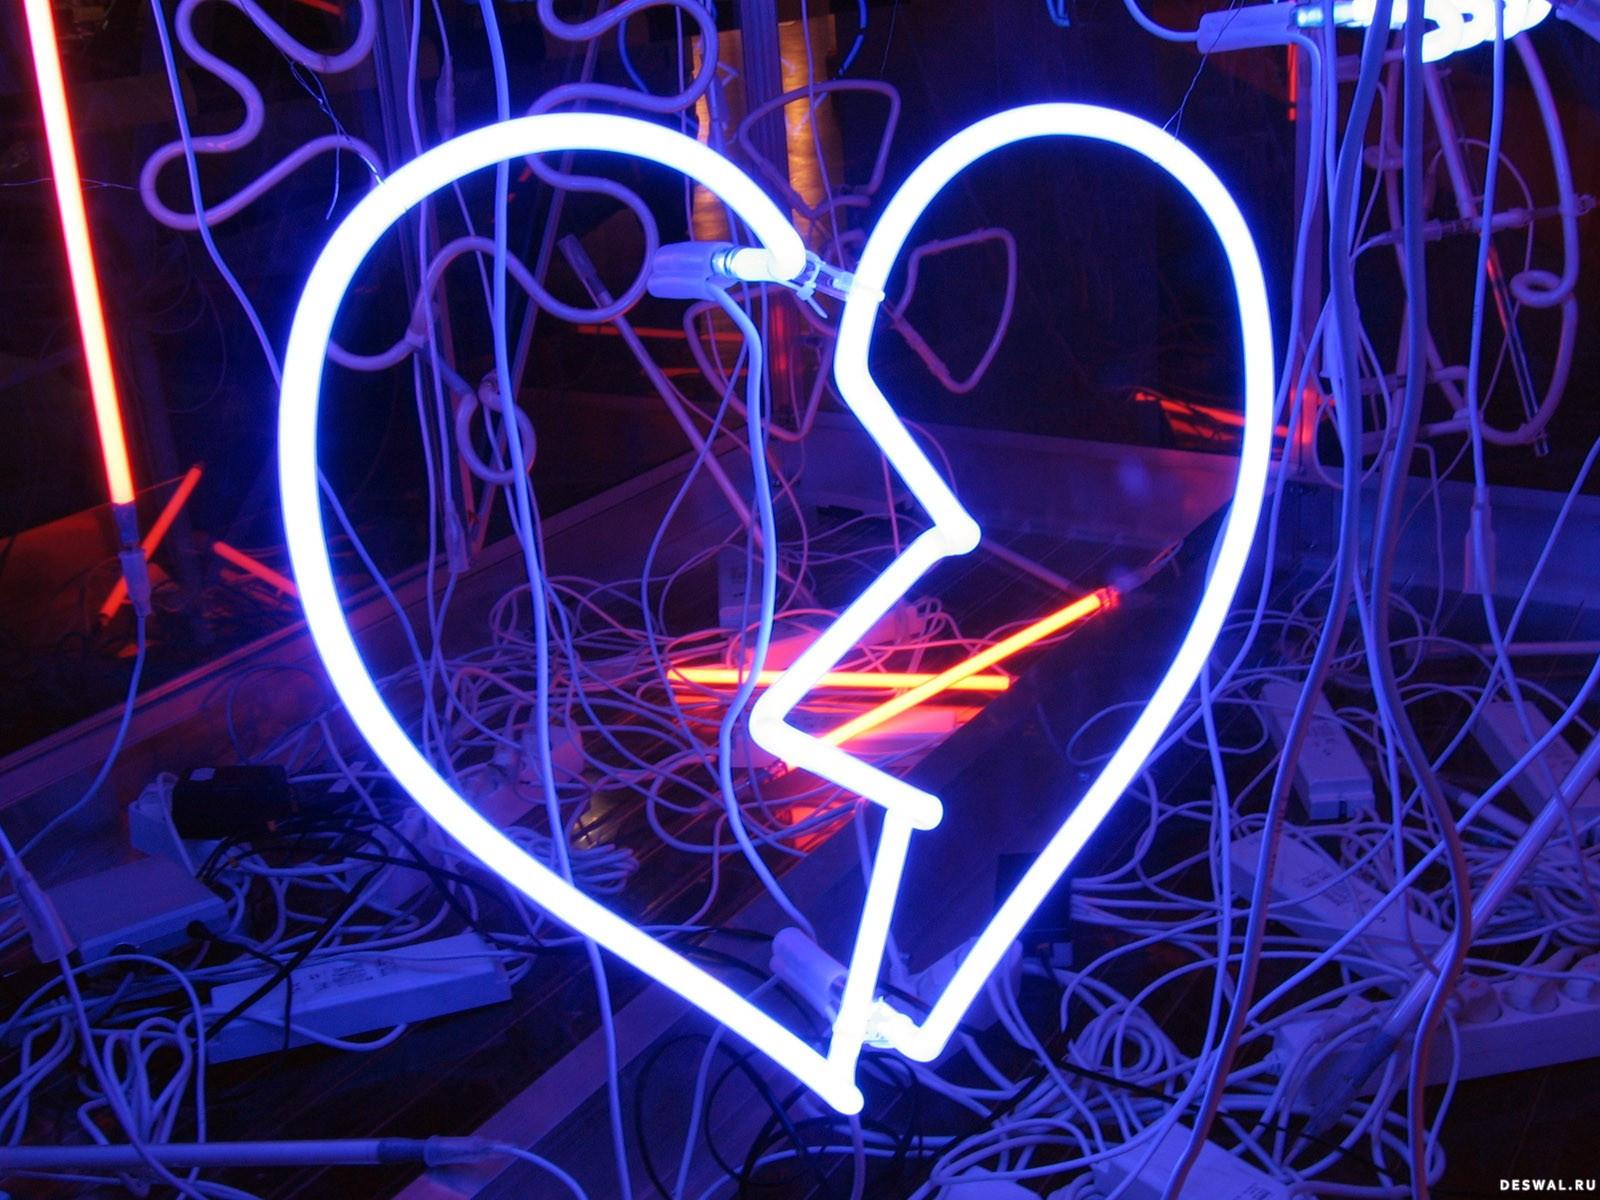 Фото 39. Нажмите на картинку с романтическими обоями - любовь, чтобы просмотреть ее в реальном размере